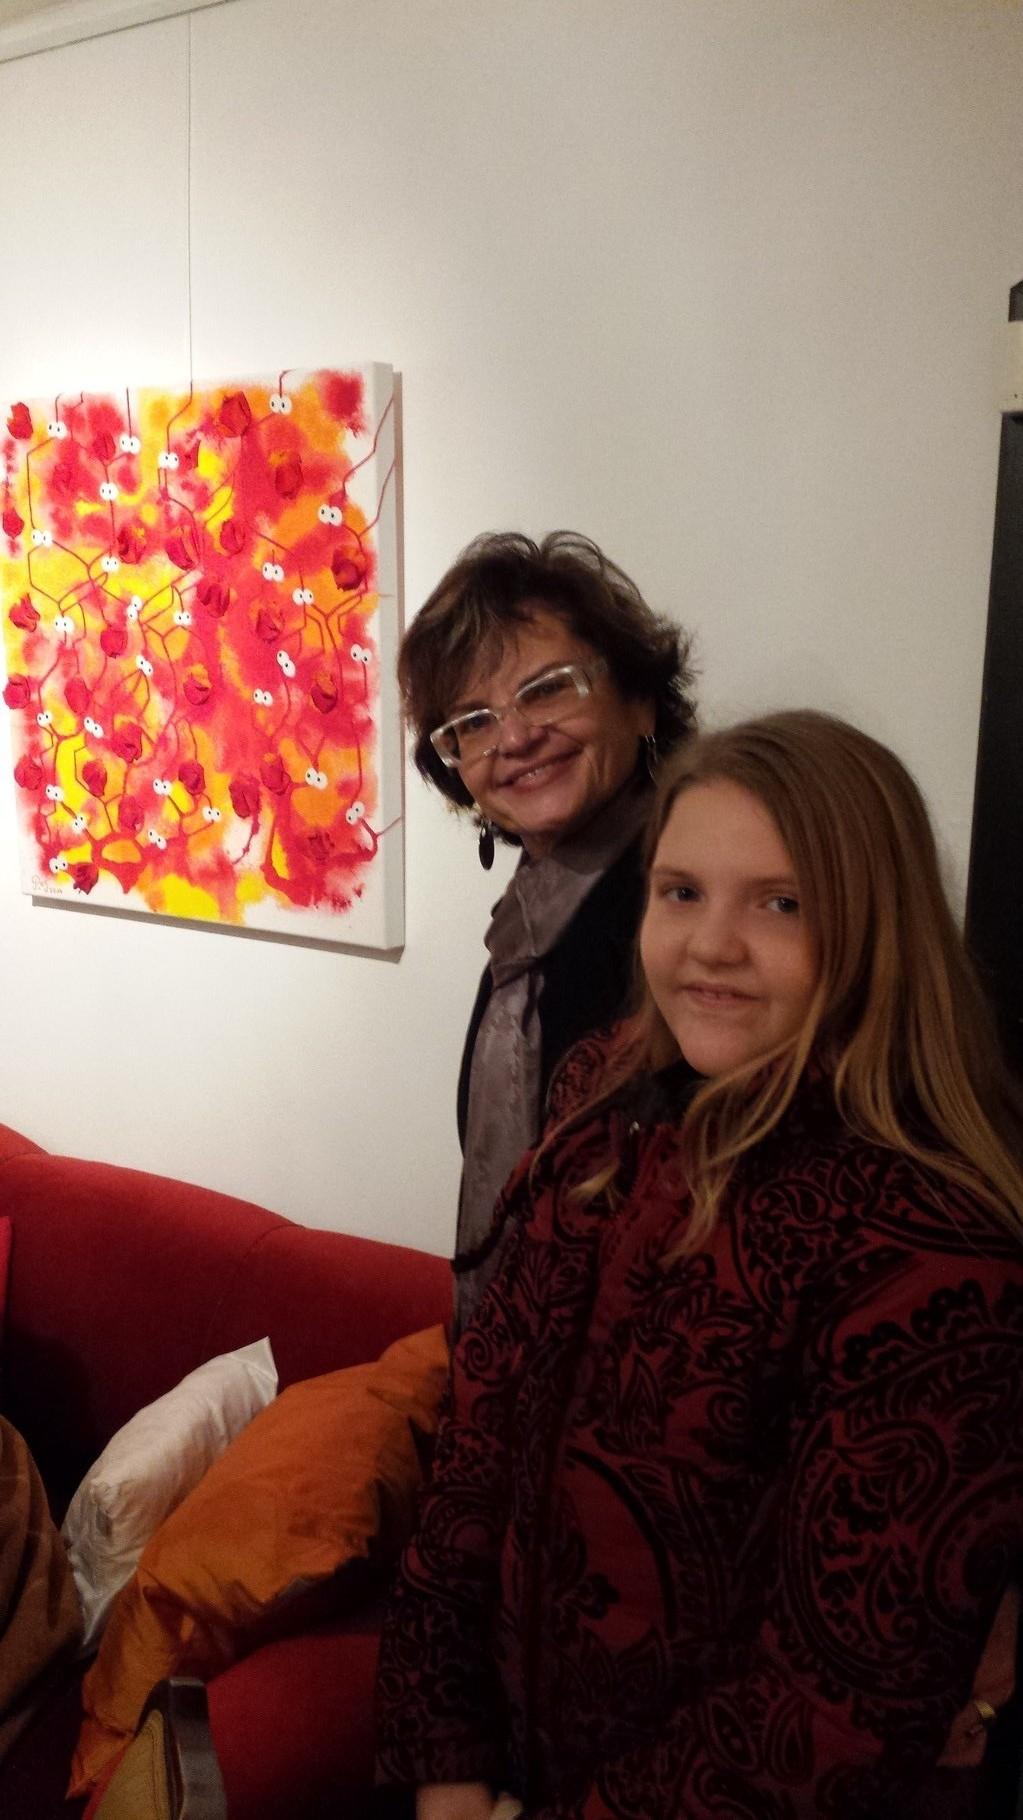 Frau Doris Wagner - Koordinatorin von Licht ins Dunkel - 29.11.2014